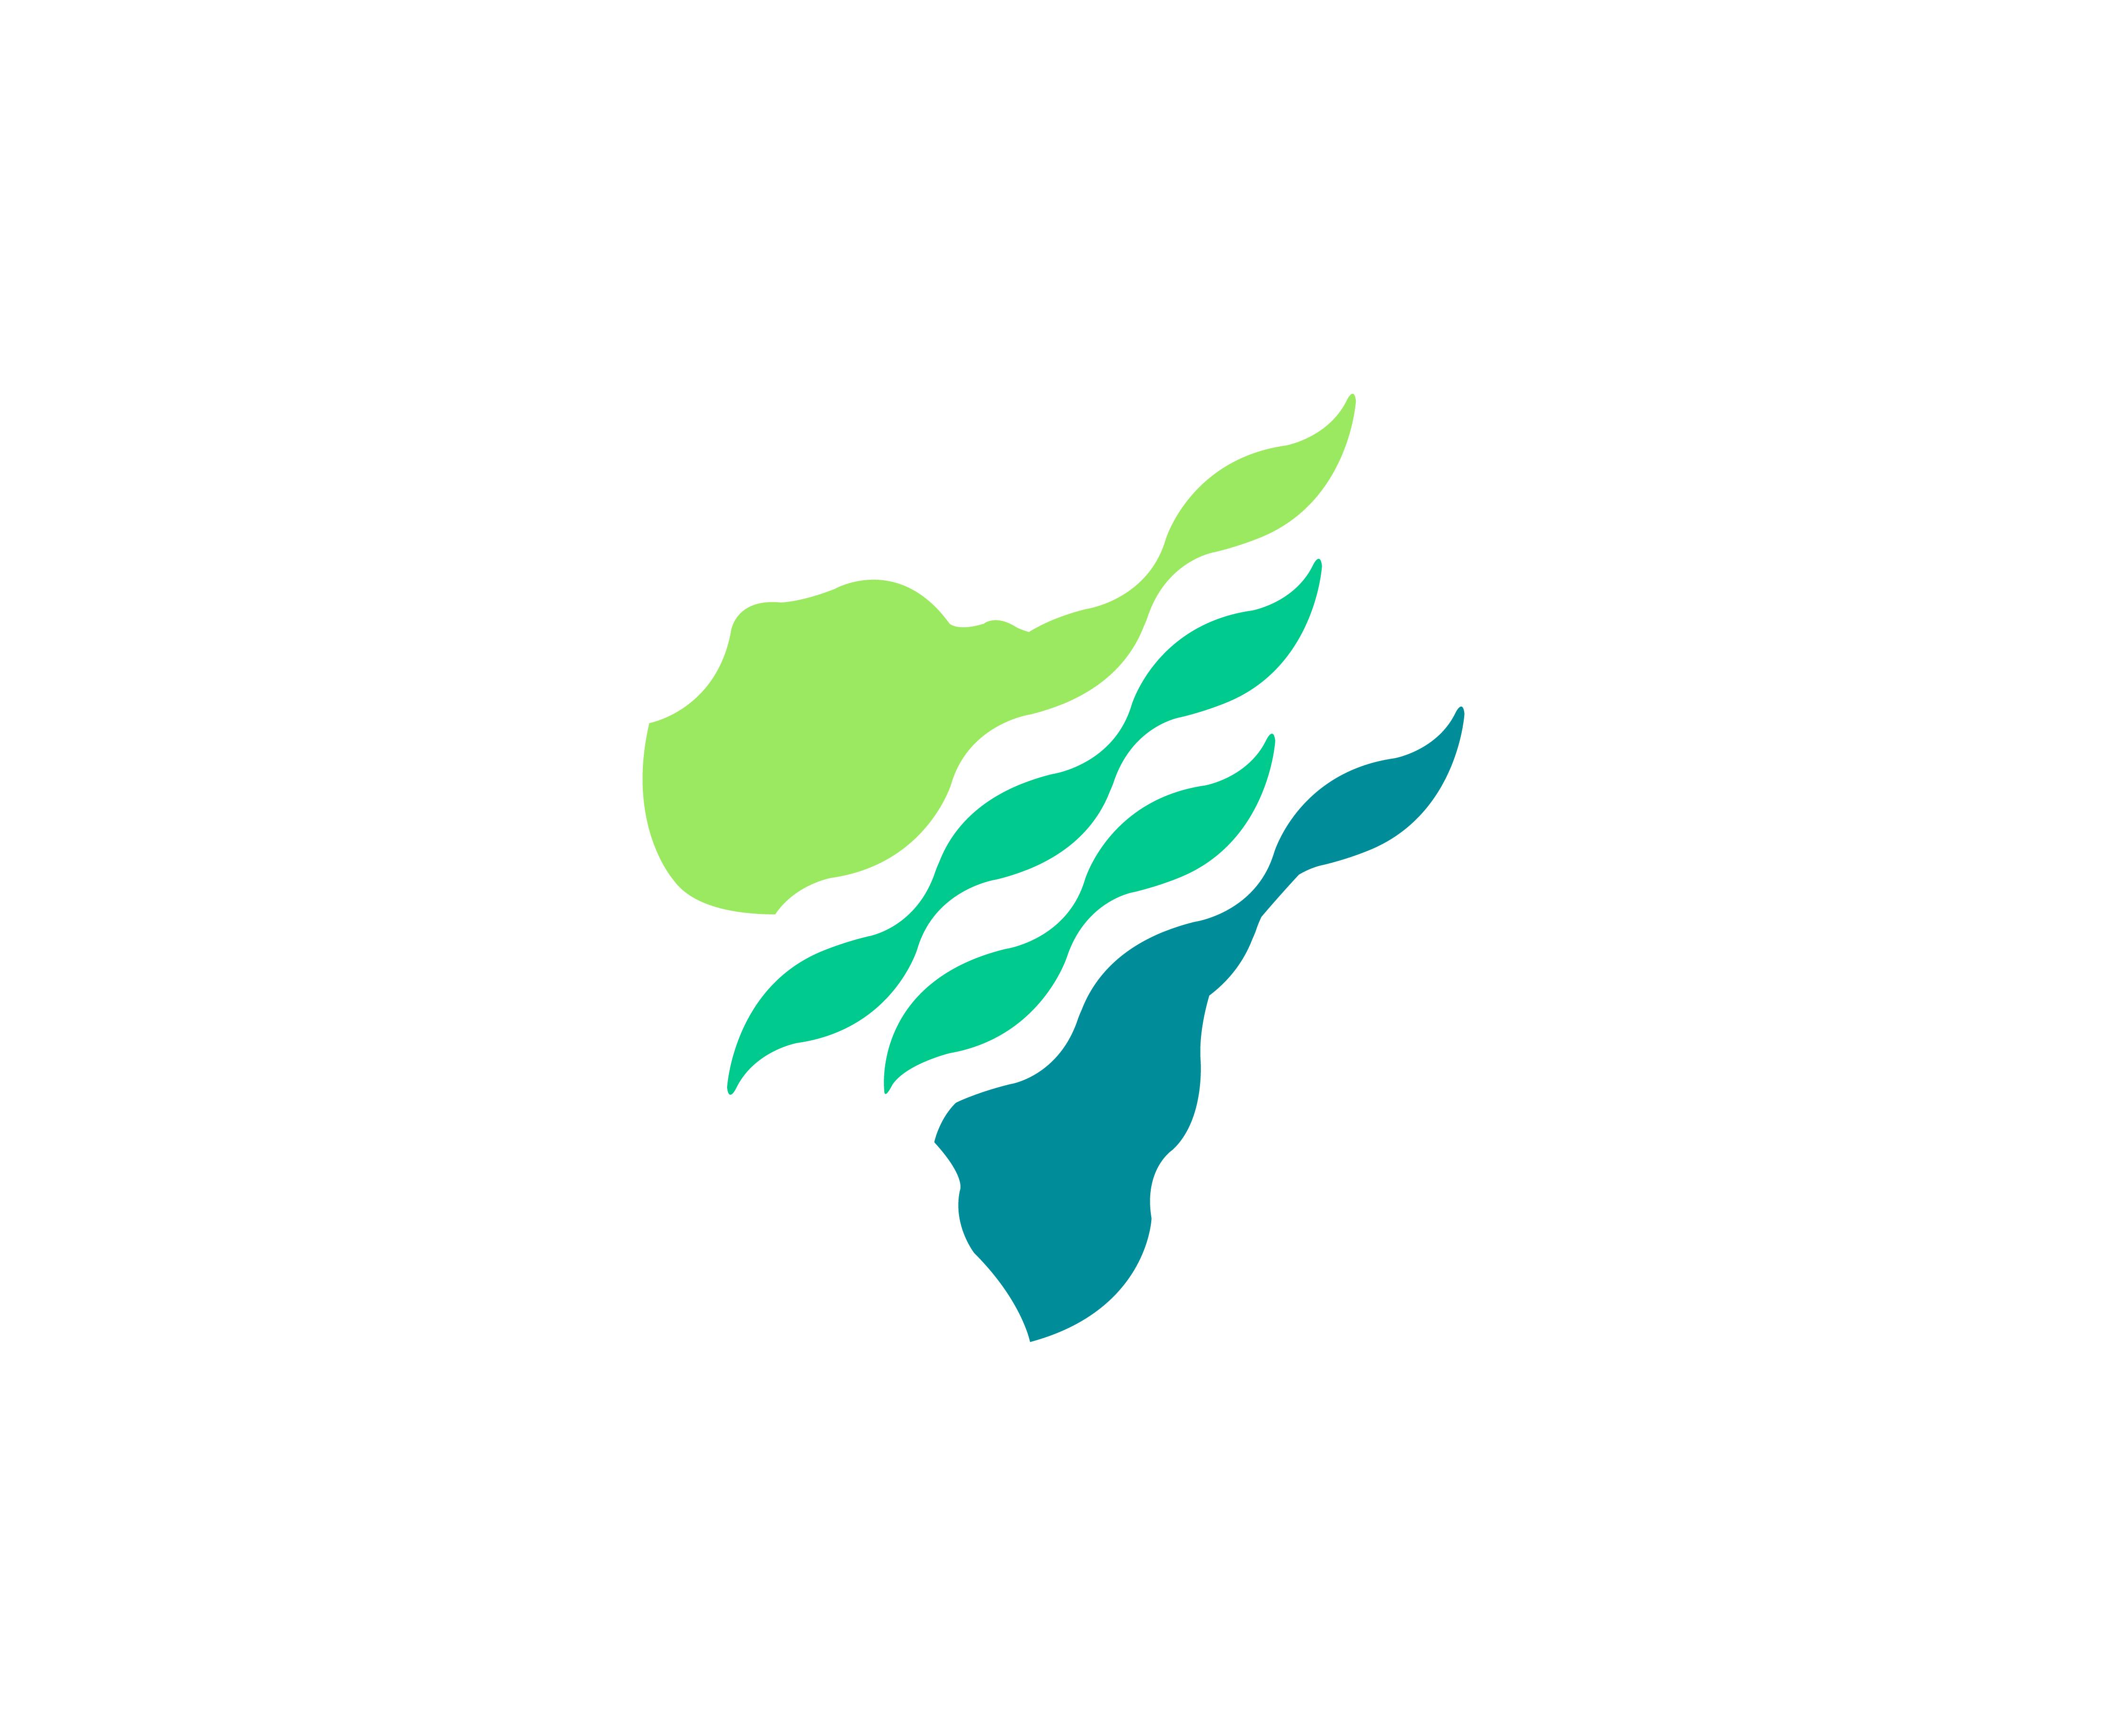 logos-for-sale-agent-orange-design-africa-waves.jpg